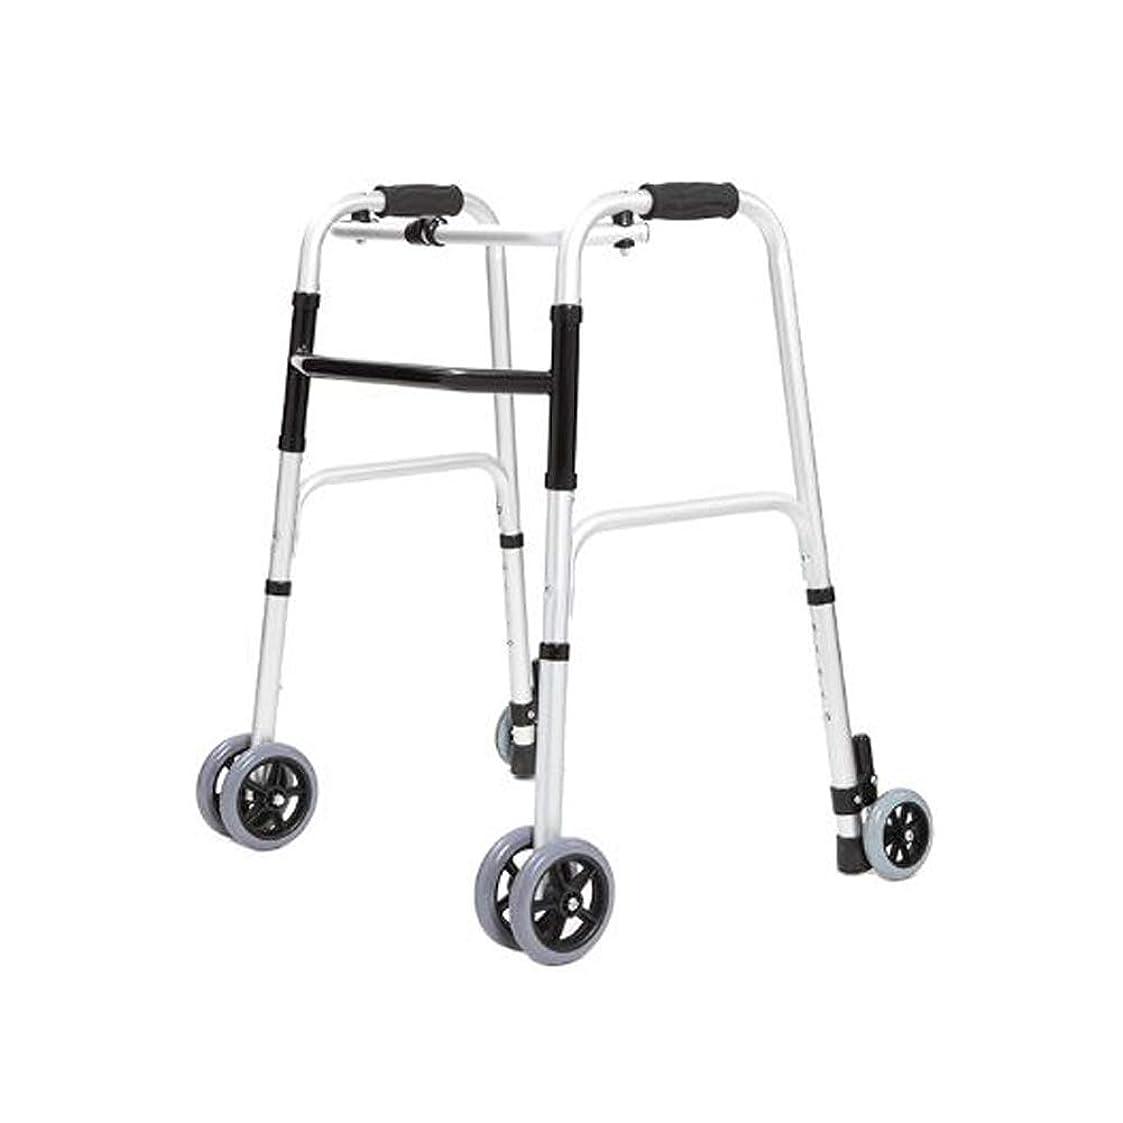 衝突シンポジウム名声[ラオンアチ] 大人のための歩行器 折りたたみ 車輪型歩行器 6輪歩行車 5段の高さ調節可能 [日本語説明書付き] [海外直送品]